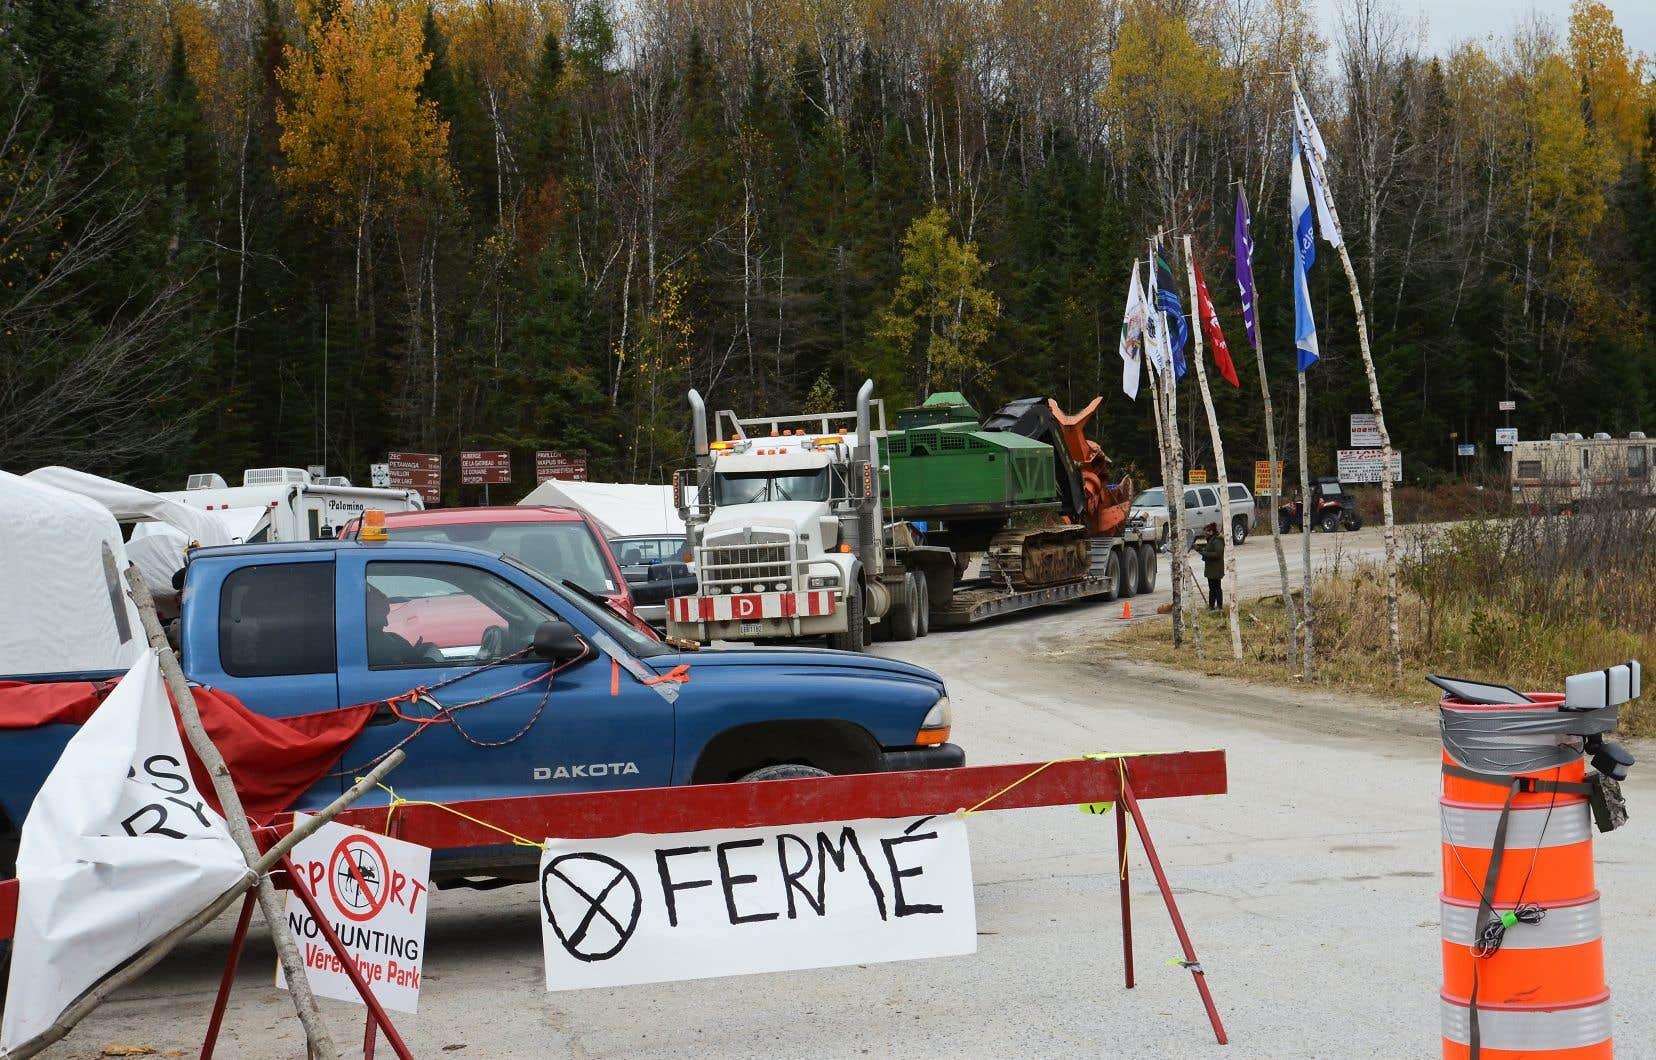 Des militants anichinabés se sont installés à l'intersection du chemin Lépine-Clova et de la route 117. Ils demandent un moratoire contre la chasse à l'orignal dans la réserve faunique La Vérendrye, mais aussi sur les territoires avoisinants.